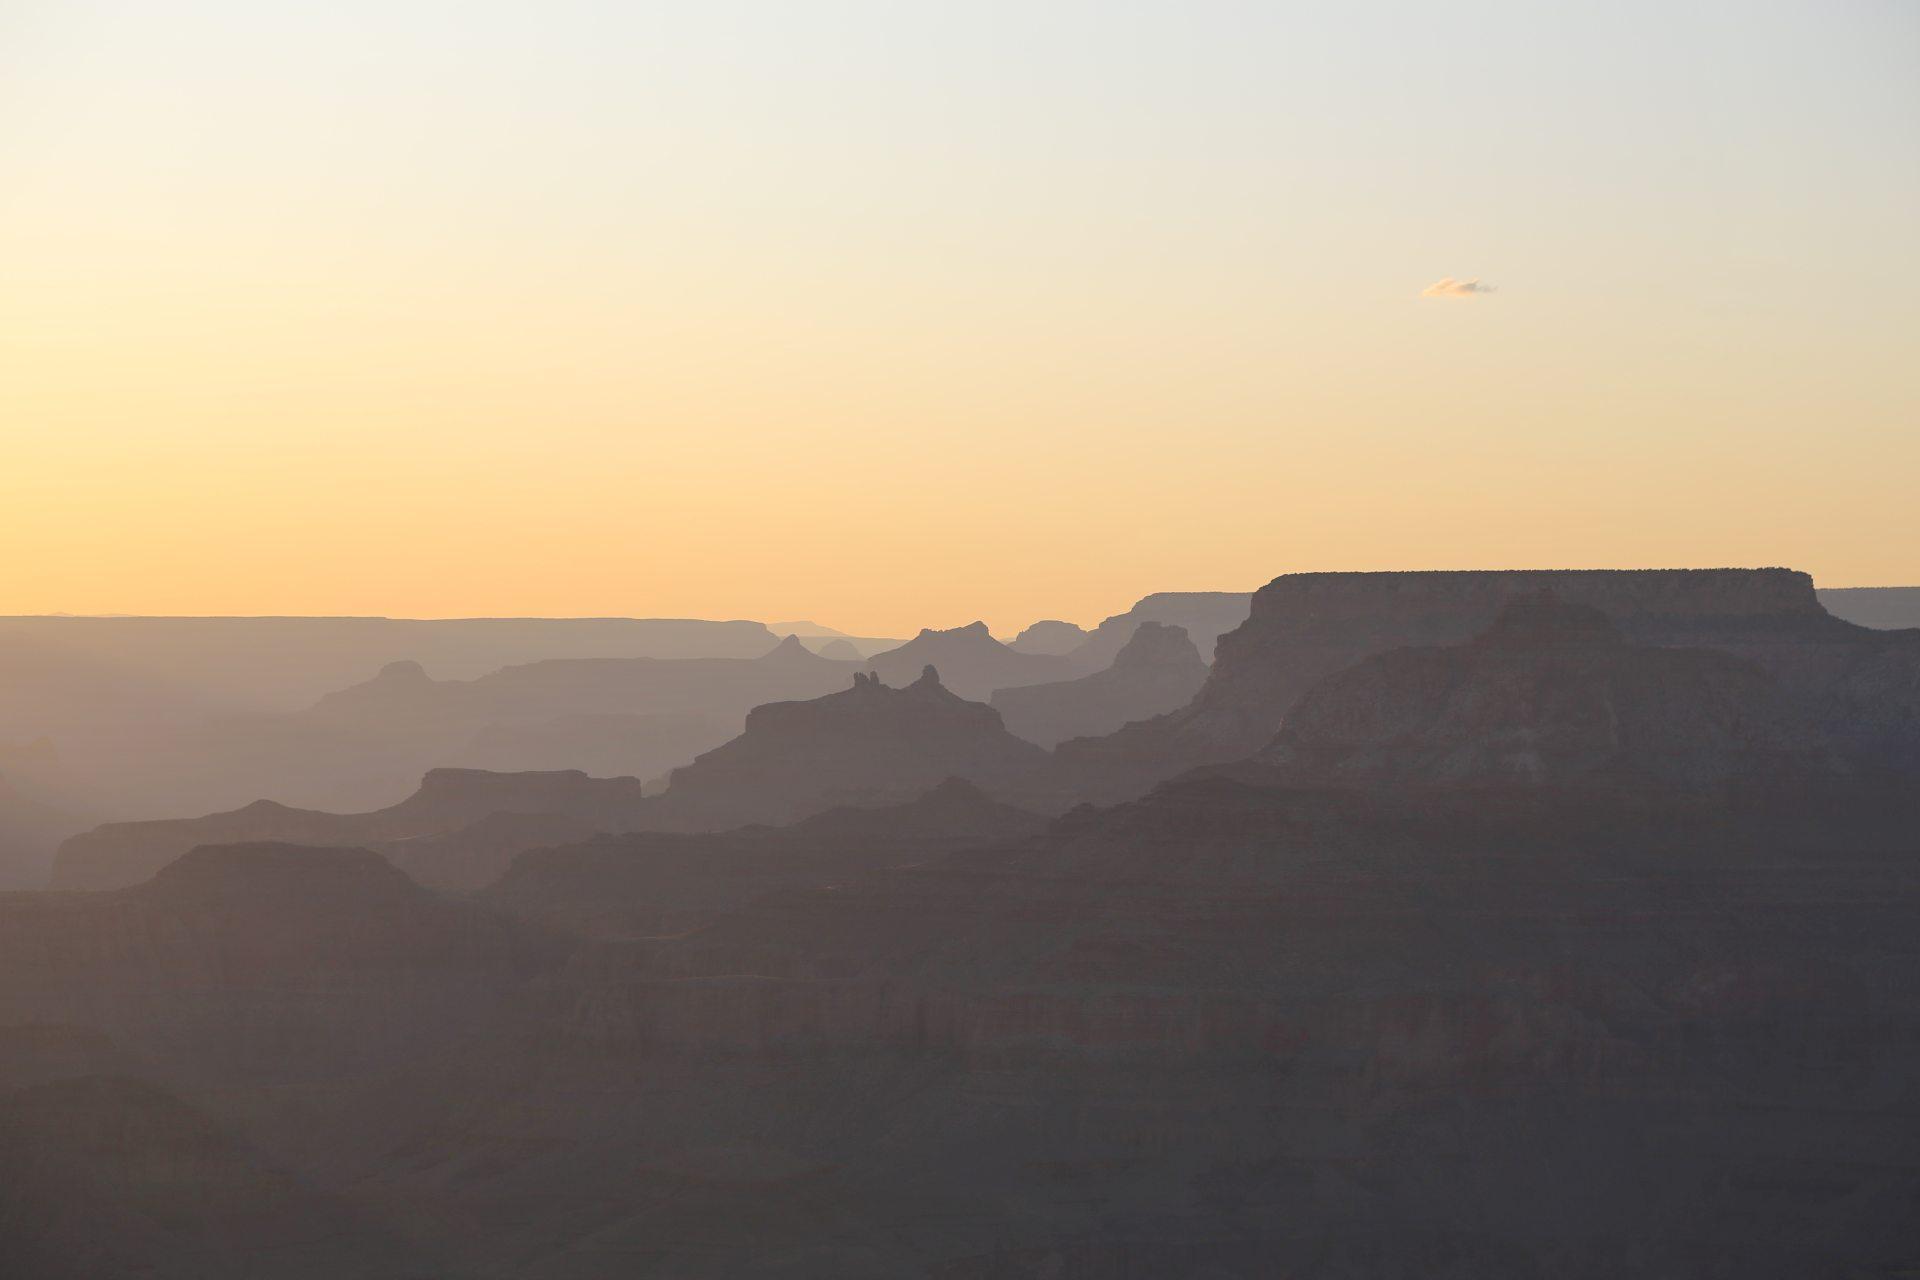 Grand Canyon in allen seinen Farbschattierungen - Abendrot, Abendstimmung, Abgrund, Arizona, Aussicht, Canyon, Desert View Point, Desert View Watchtower, Färbung, Fernsicht, Grand Canyon National Park, Himmel, Landschaft, Licht, malerisch, Natur, Panorama, Schlucht, Sonnenuntergang, Sonnenuntergangsstimmung, traumhaft - (Vista Encantada, Grand Canyon, Arizona, Vereinigte Staaten)